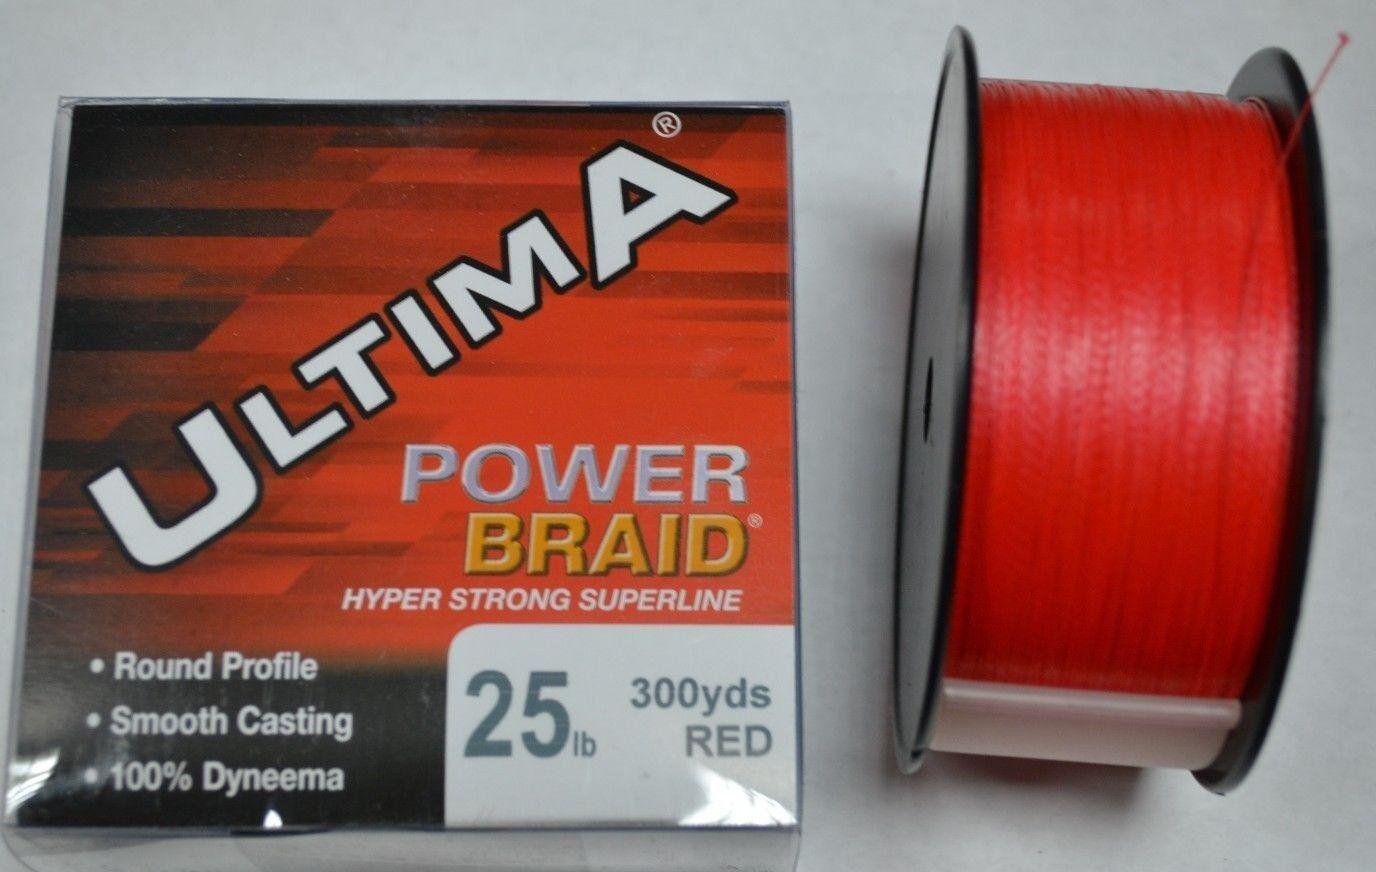 ULTIMA POWER BRAID 25lb ( 9kg) 300yds